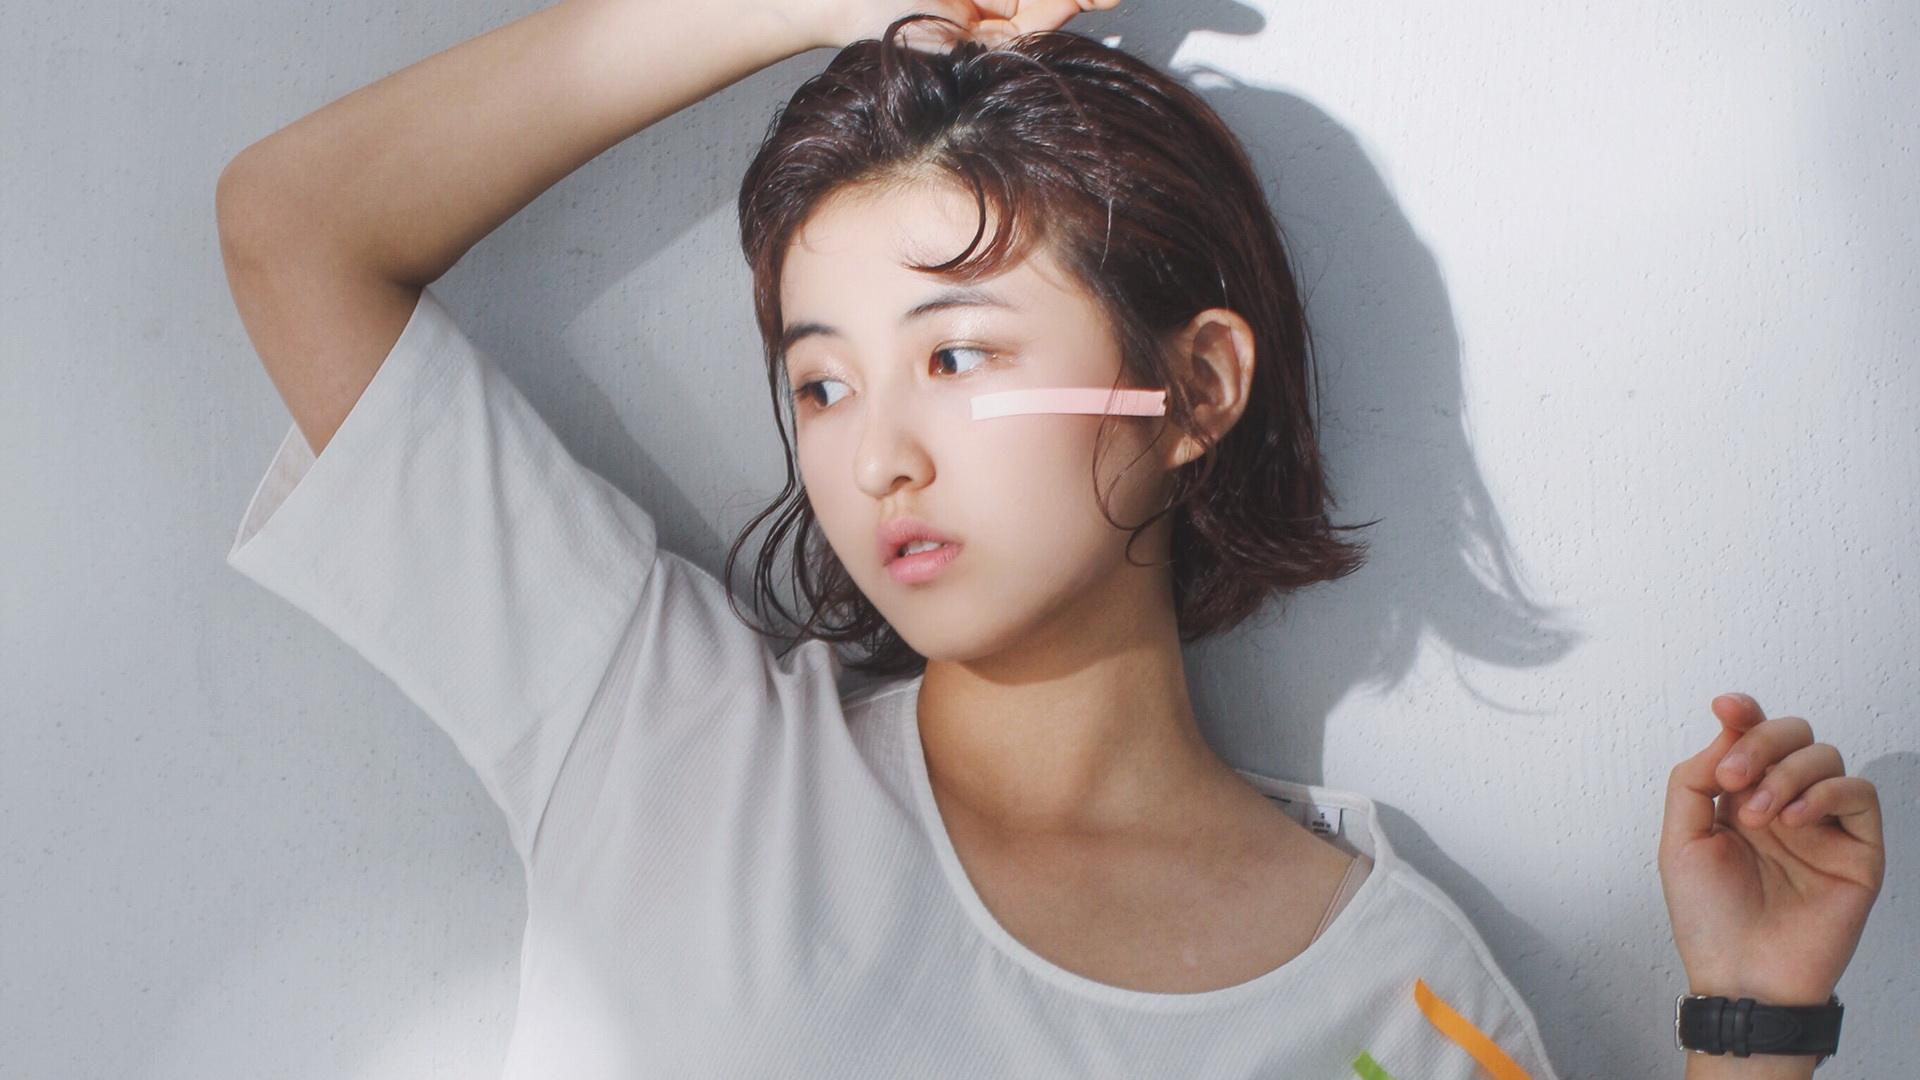 曝蔡徐坤15岁时喜欢张子枫 12岁小姑娘一人碾压2607万粉丝